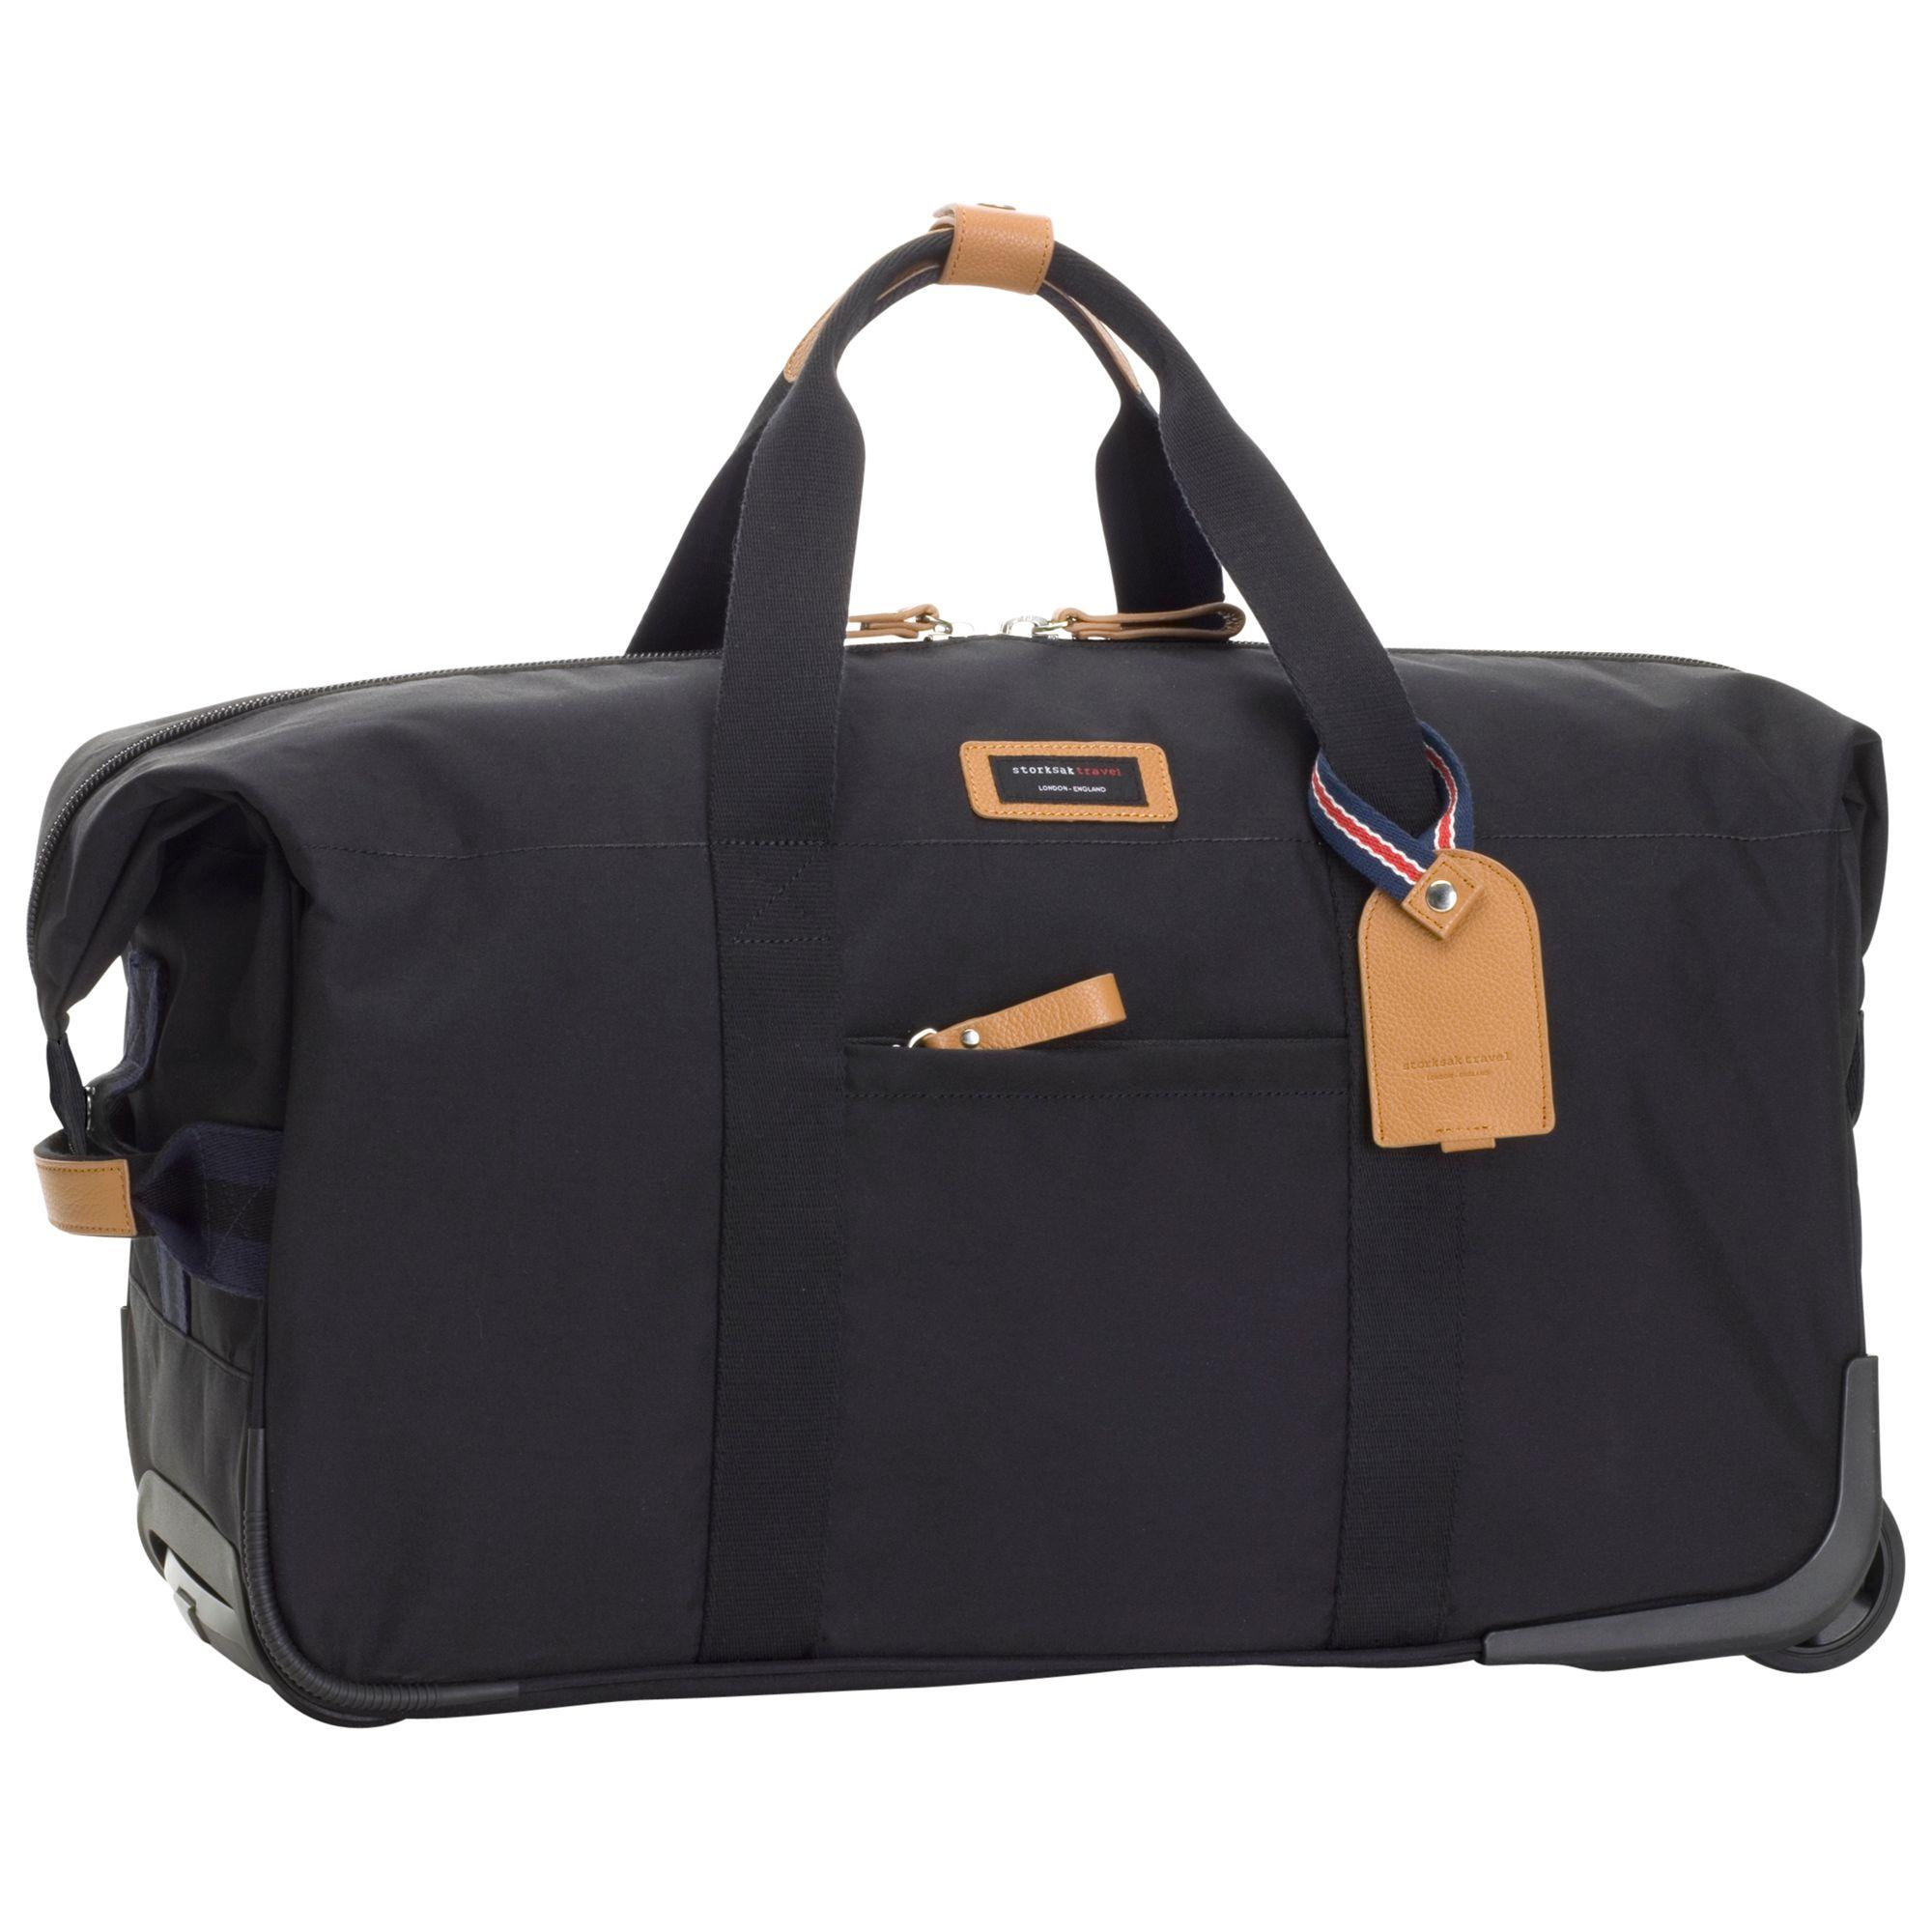 Storksak Storksak Travel Cabin Carry-On Changing Bag